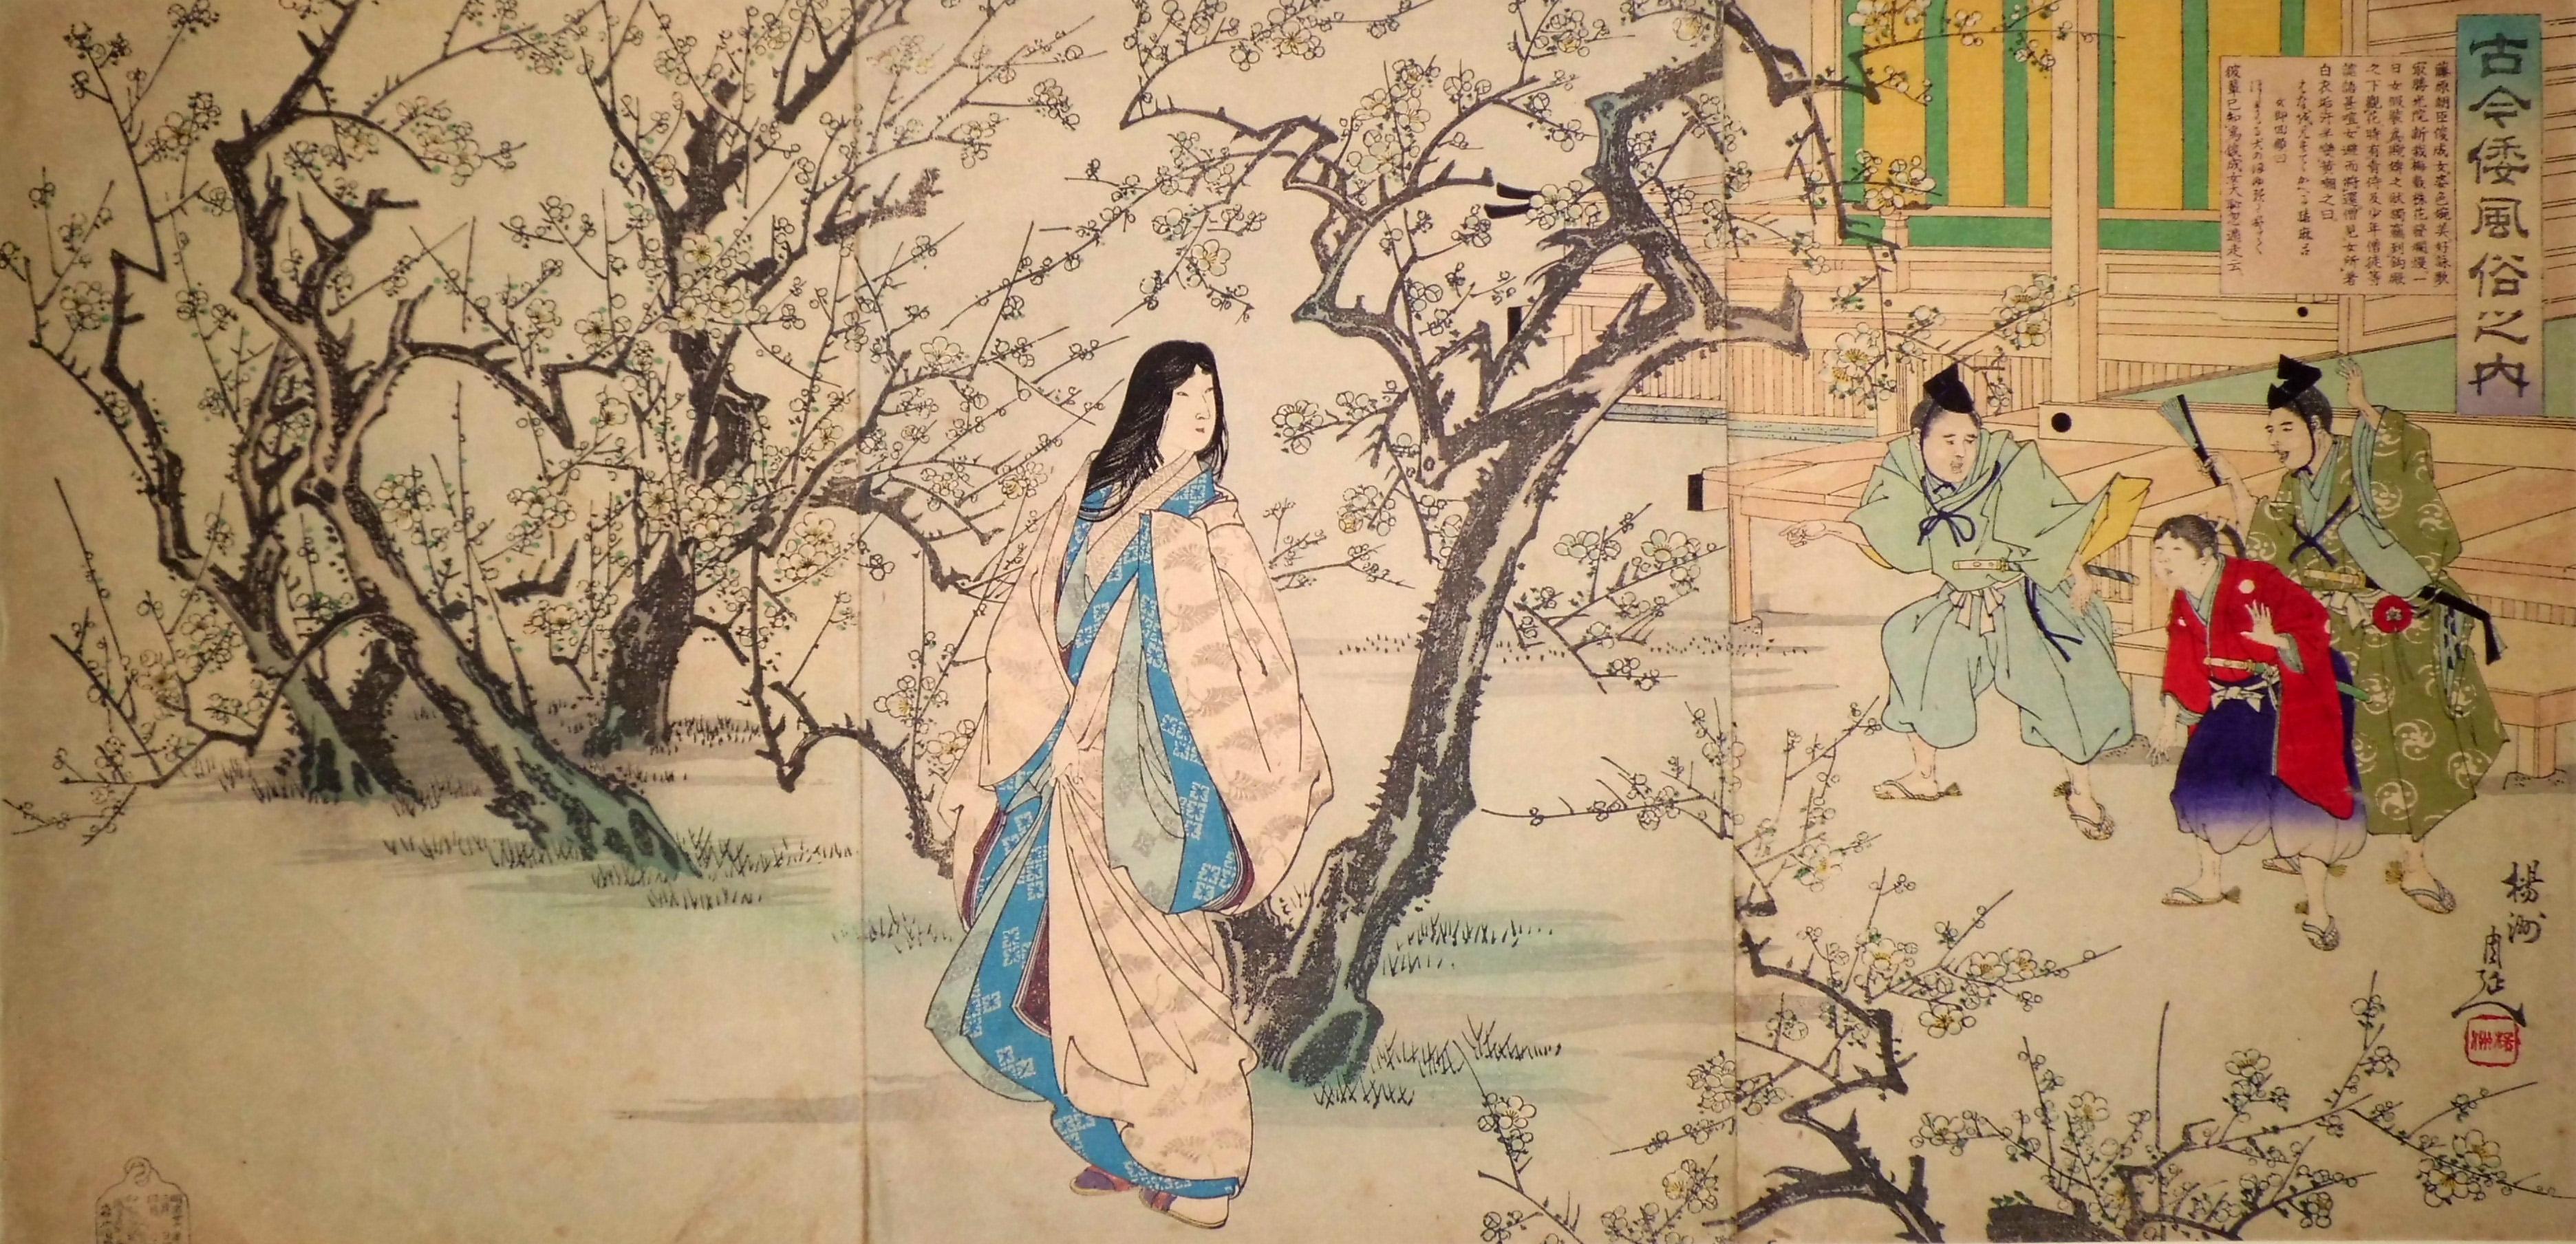 Hashimoto CHIKANOBU (Giappone, 1838 – 1912) – LA MOGLIE DI FUJIWARA NO TOSHINARI CHE AMMIRA I BOCCIOLI DEI PRUNI (1893)